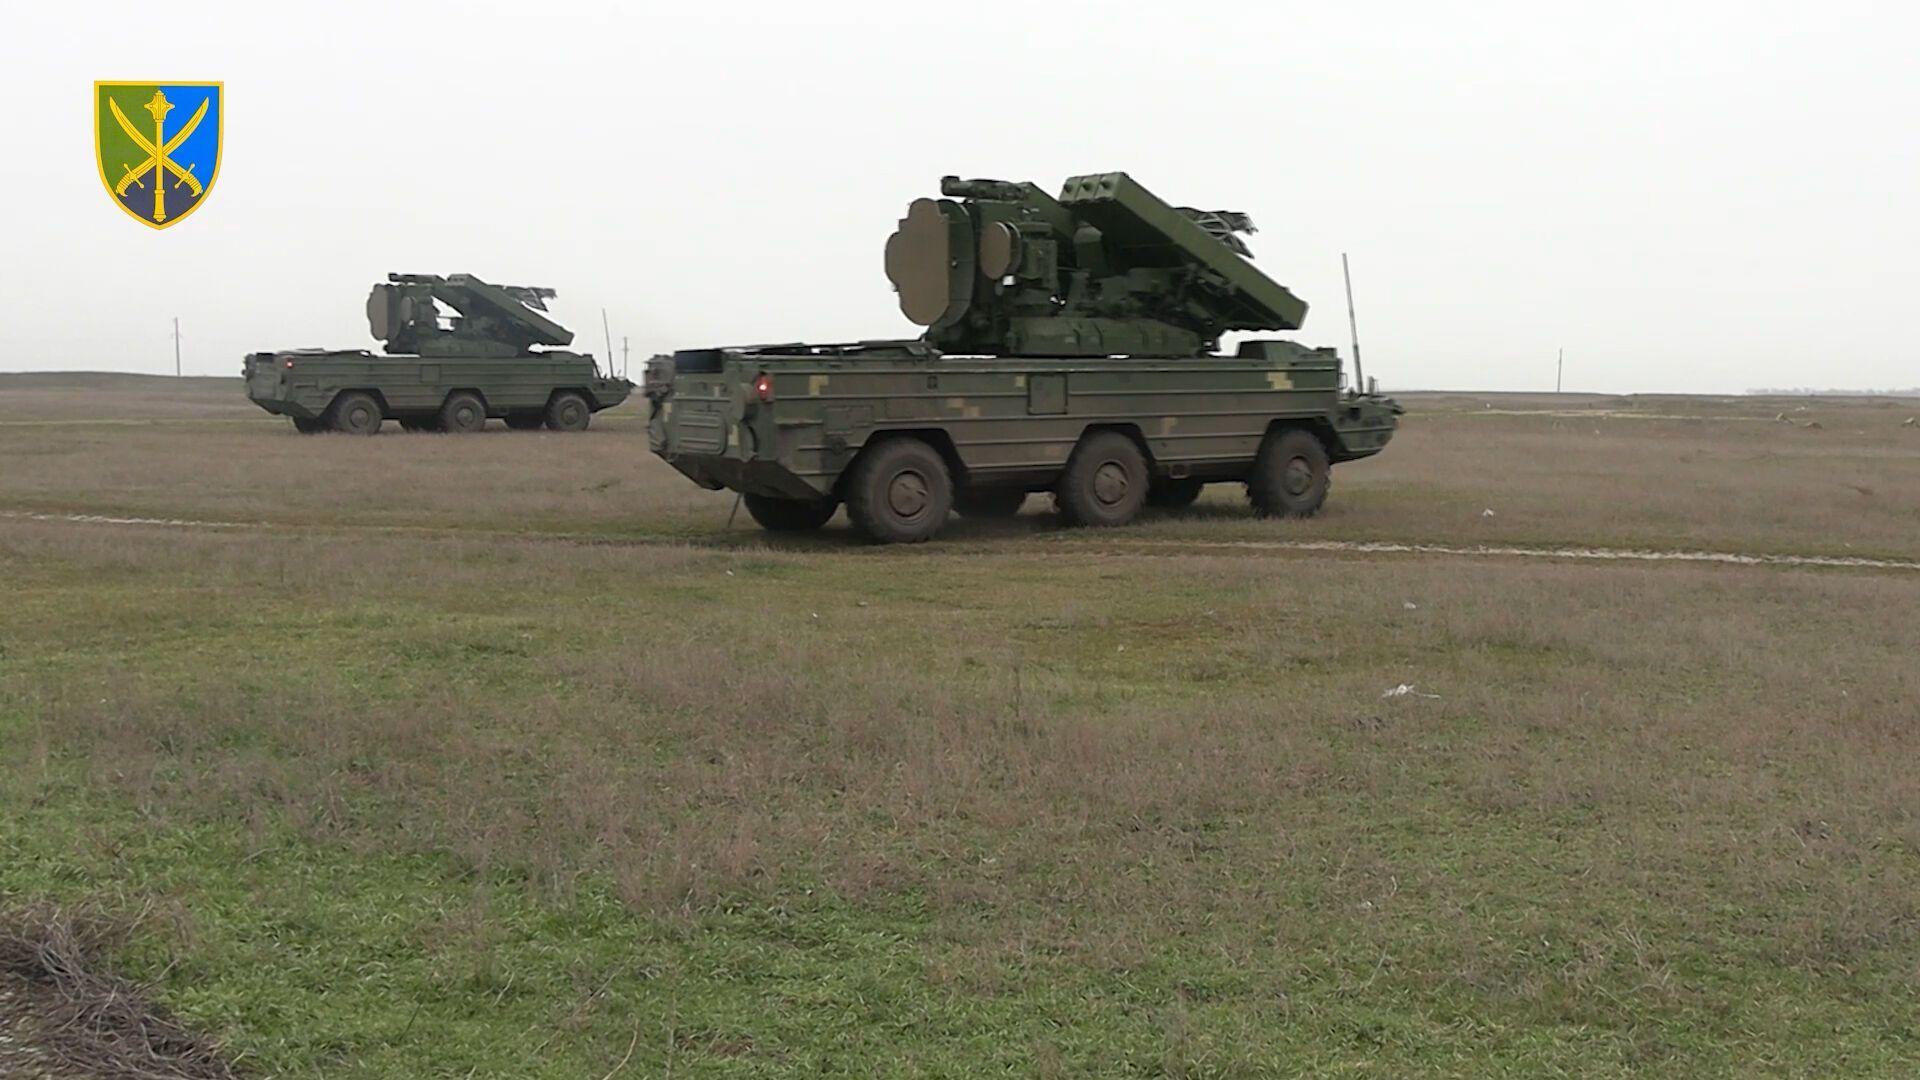 ВСУ потренировались сбивать ударные безпилотники противника.